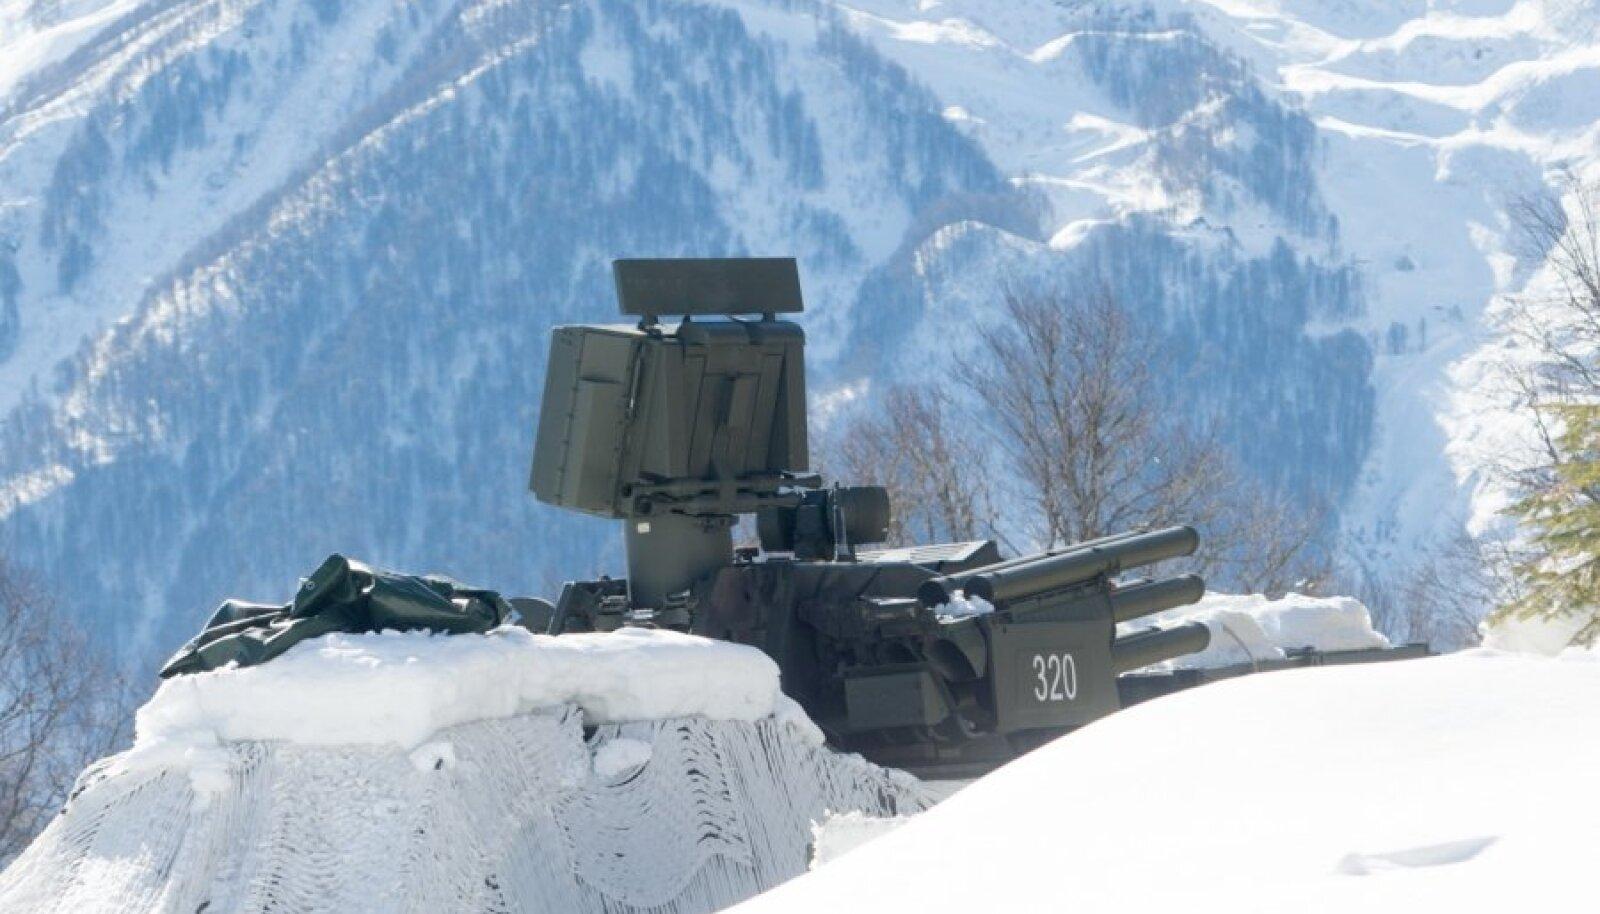 Mäekülgedel võib aga näha ka militaartehnikat, mis on osaliselt vaatajate pilkude eest valge varjukiga kaetud